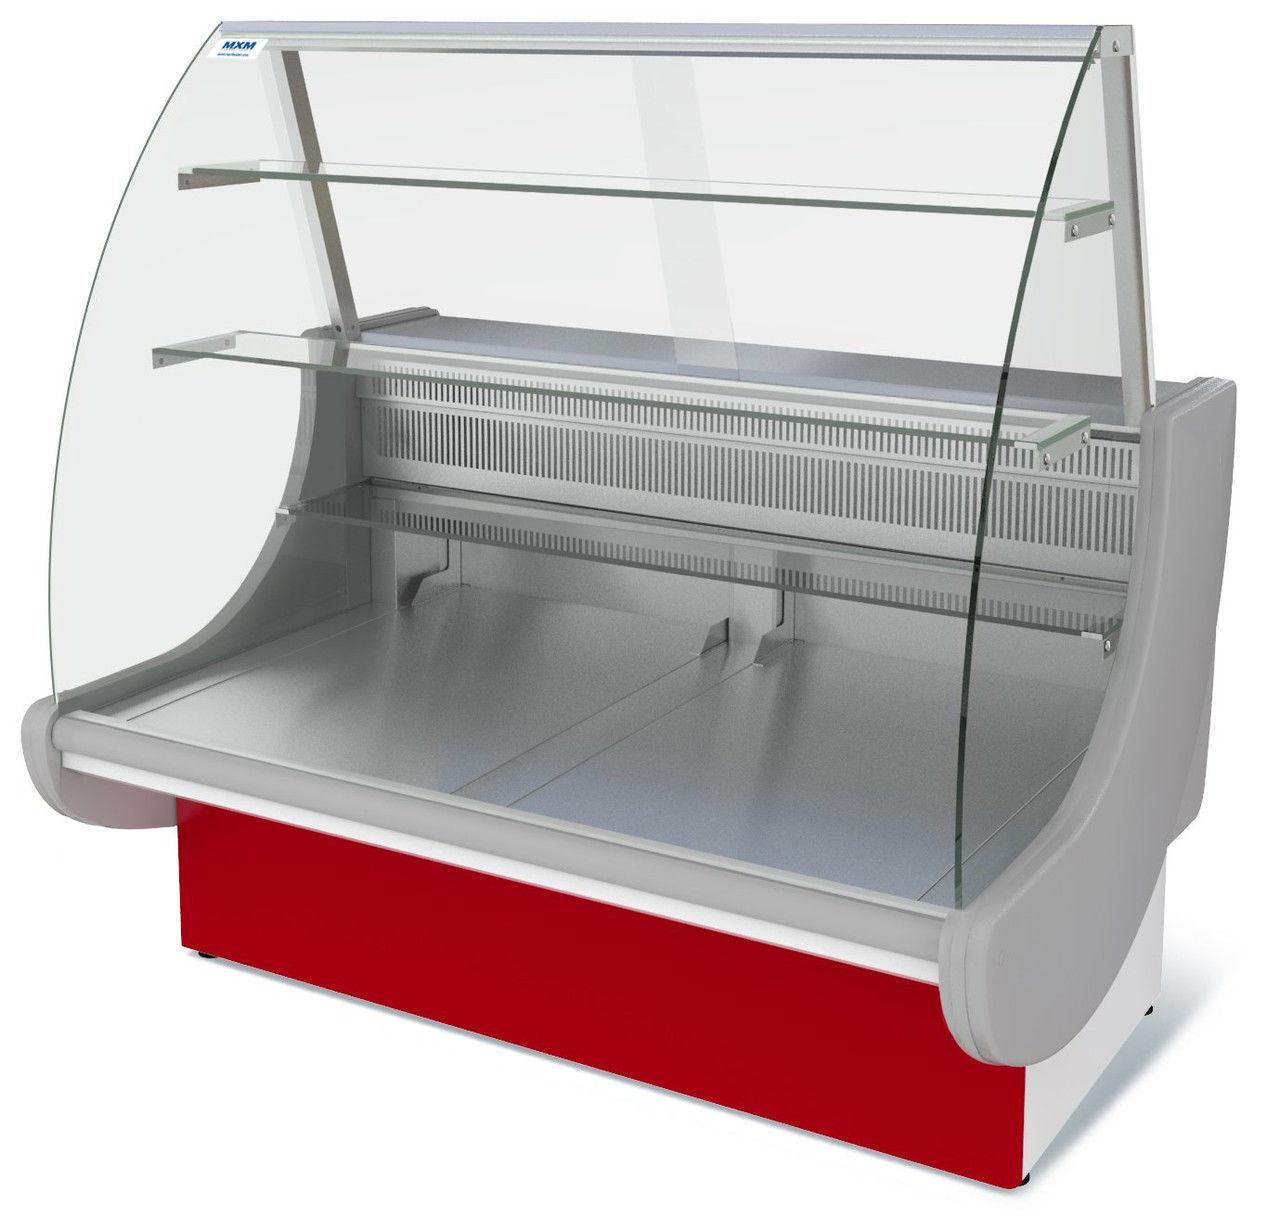 Холодильна вітрина Ілеть 1,2 1,5 ВХСд МХМ (демонстраційна)